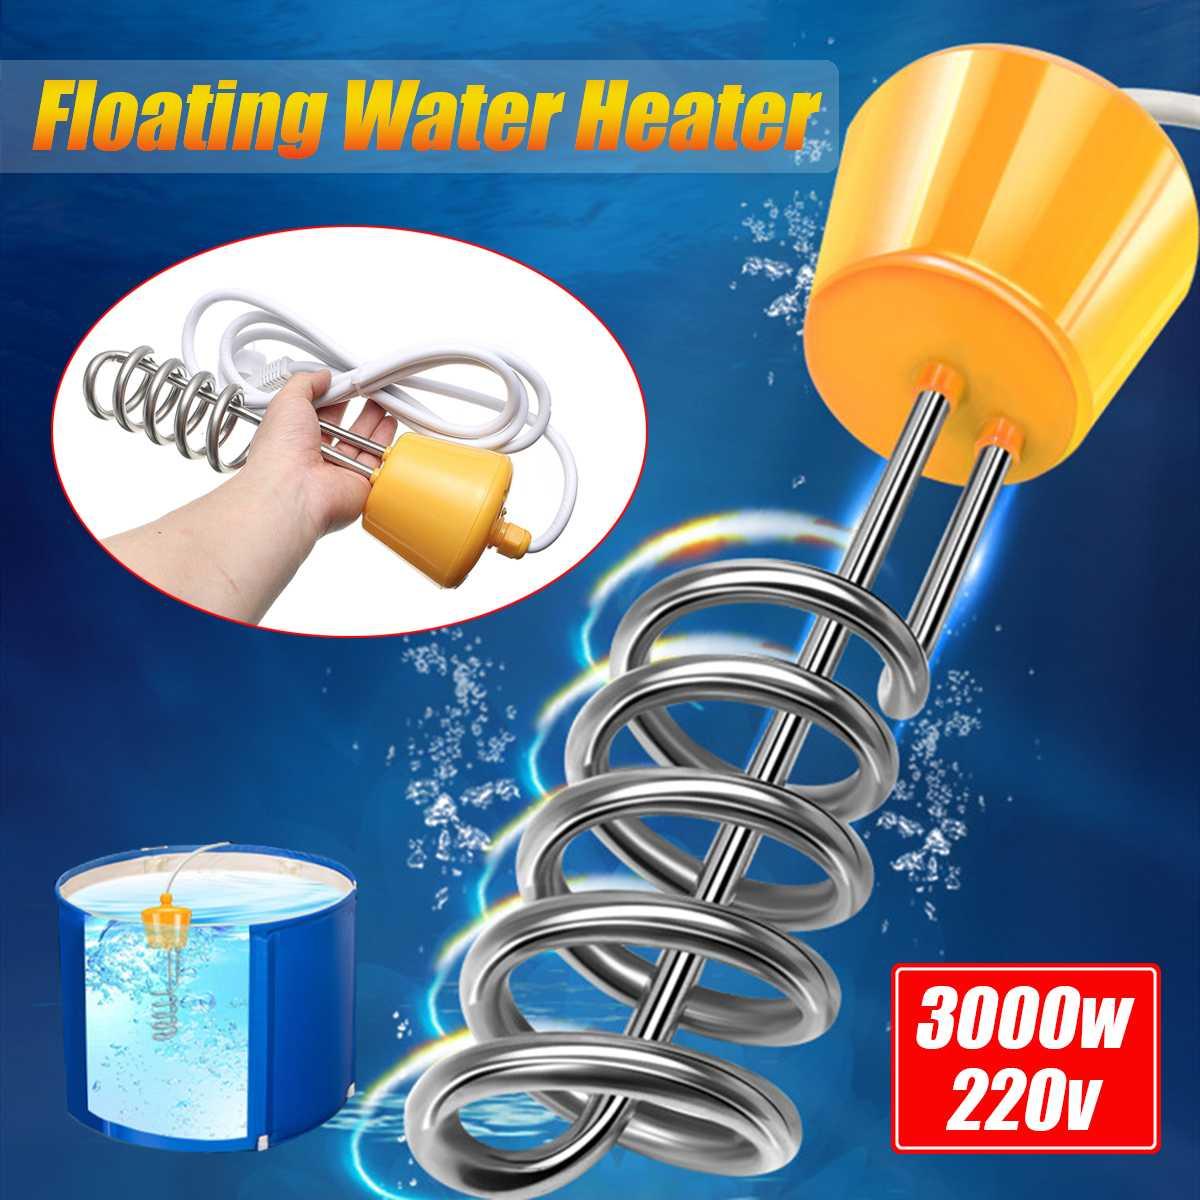 3000 Вт водонагреватель элемент бойлер Ванна портативная подвеска электрическое погружение для надувной ванны путешествия Кемпинг плавательный бассейн